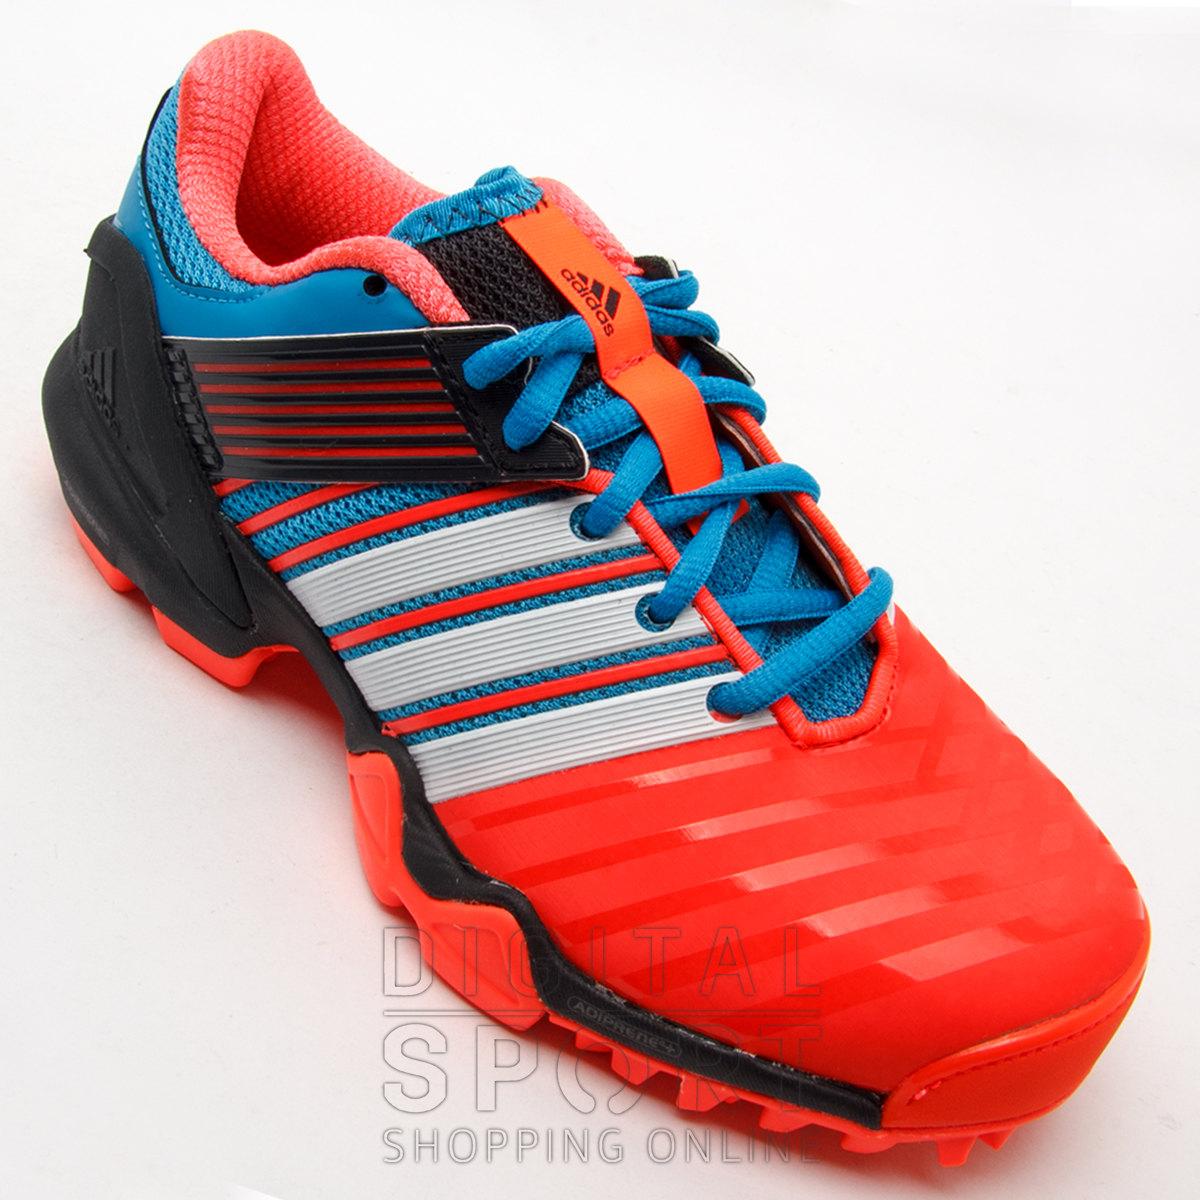 5faa9e539 zapatillas hockey adidas